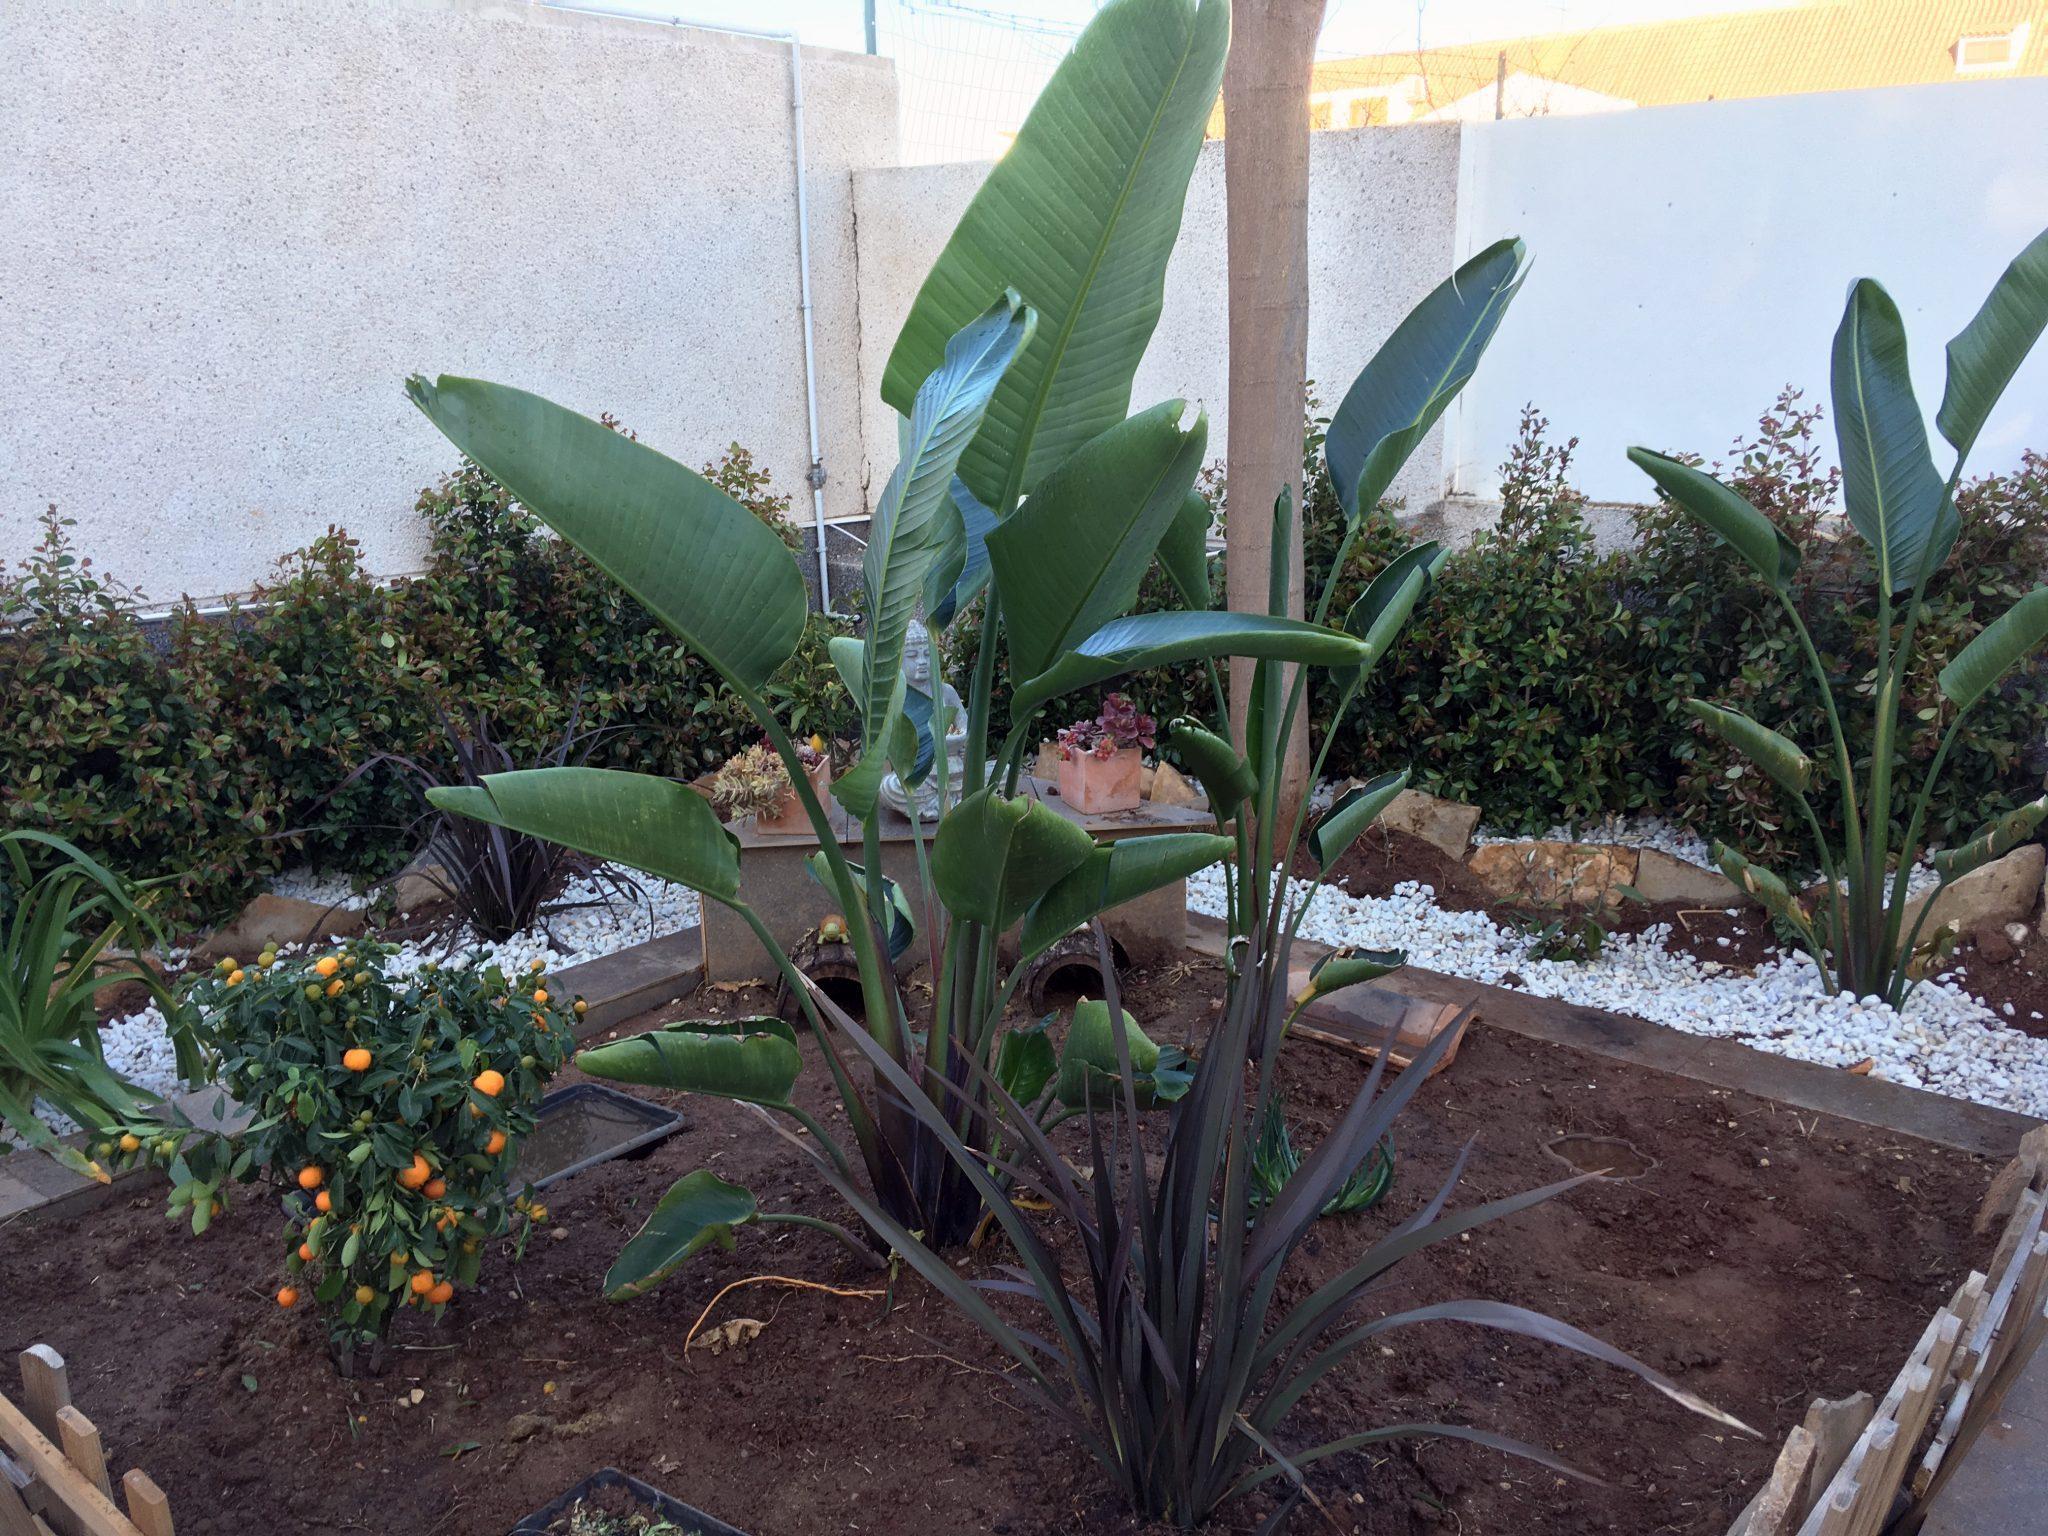 jardín con encanto con strelitzia en el centro